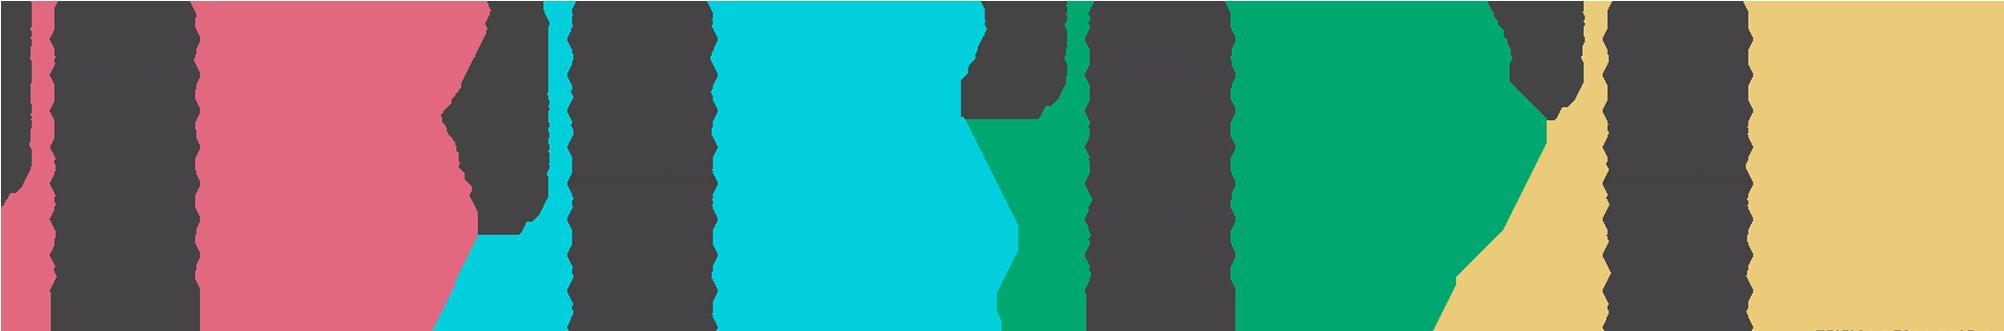 酒井 利夫グラフ